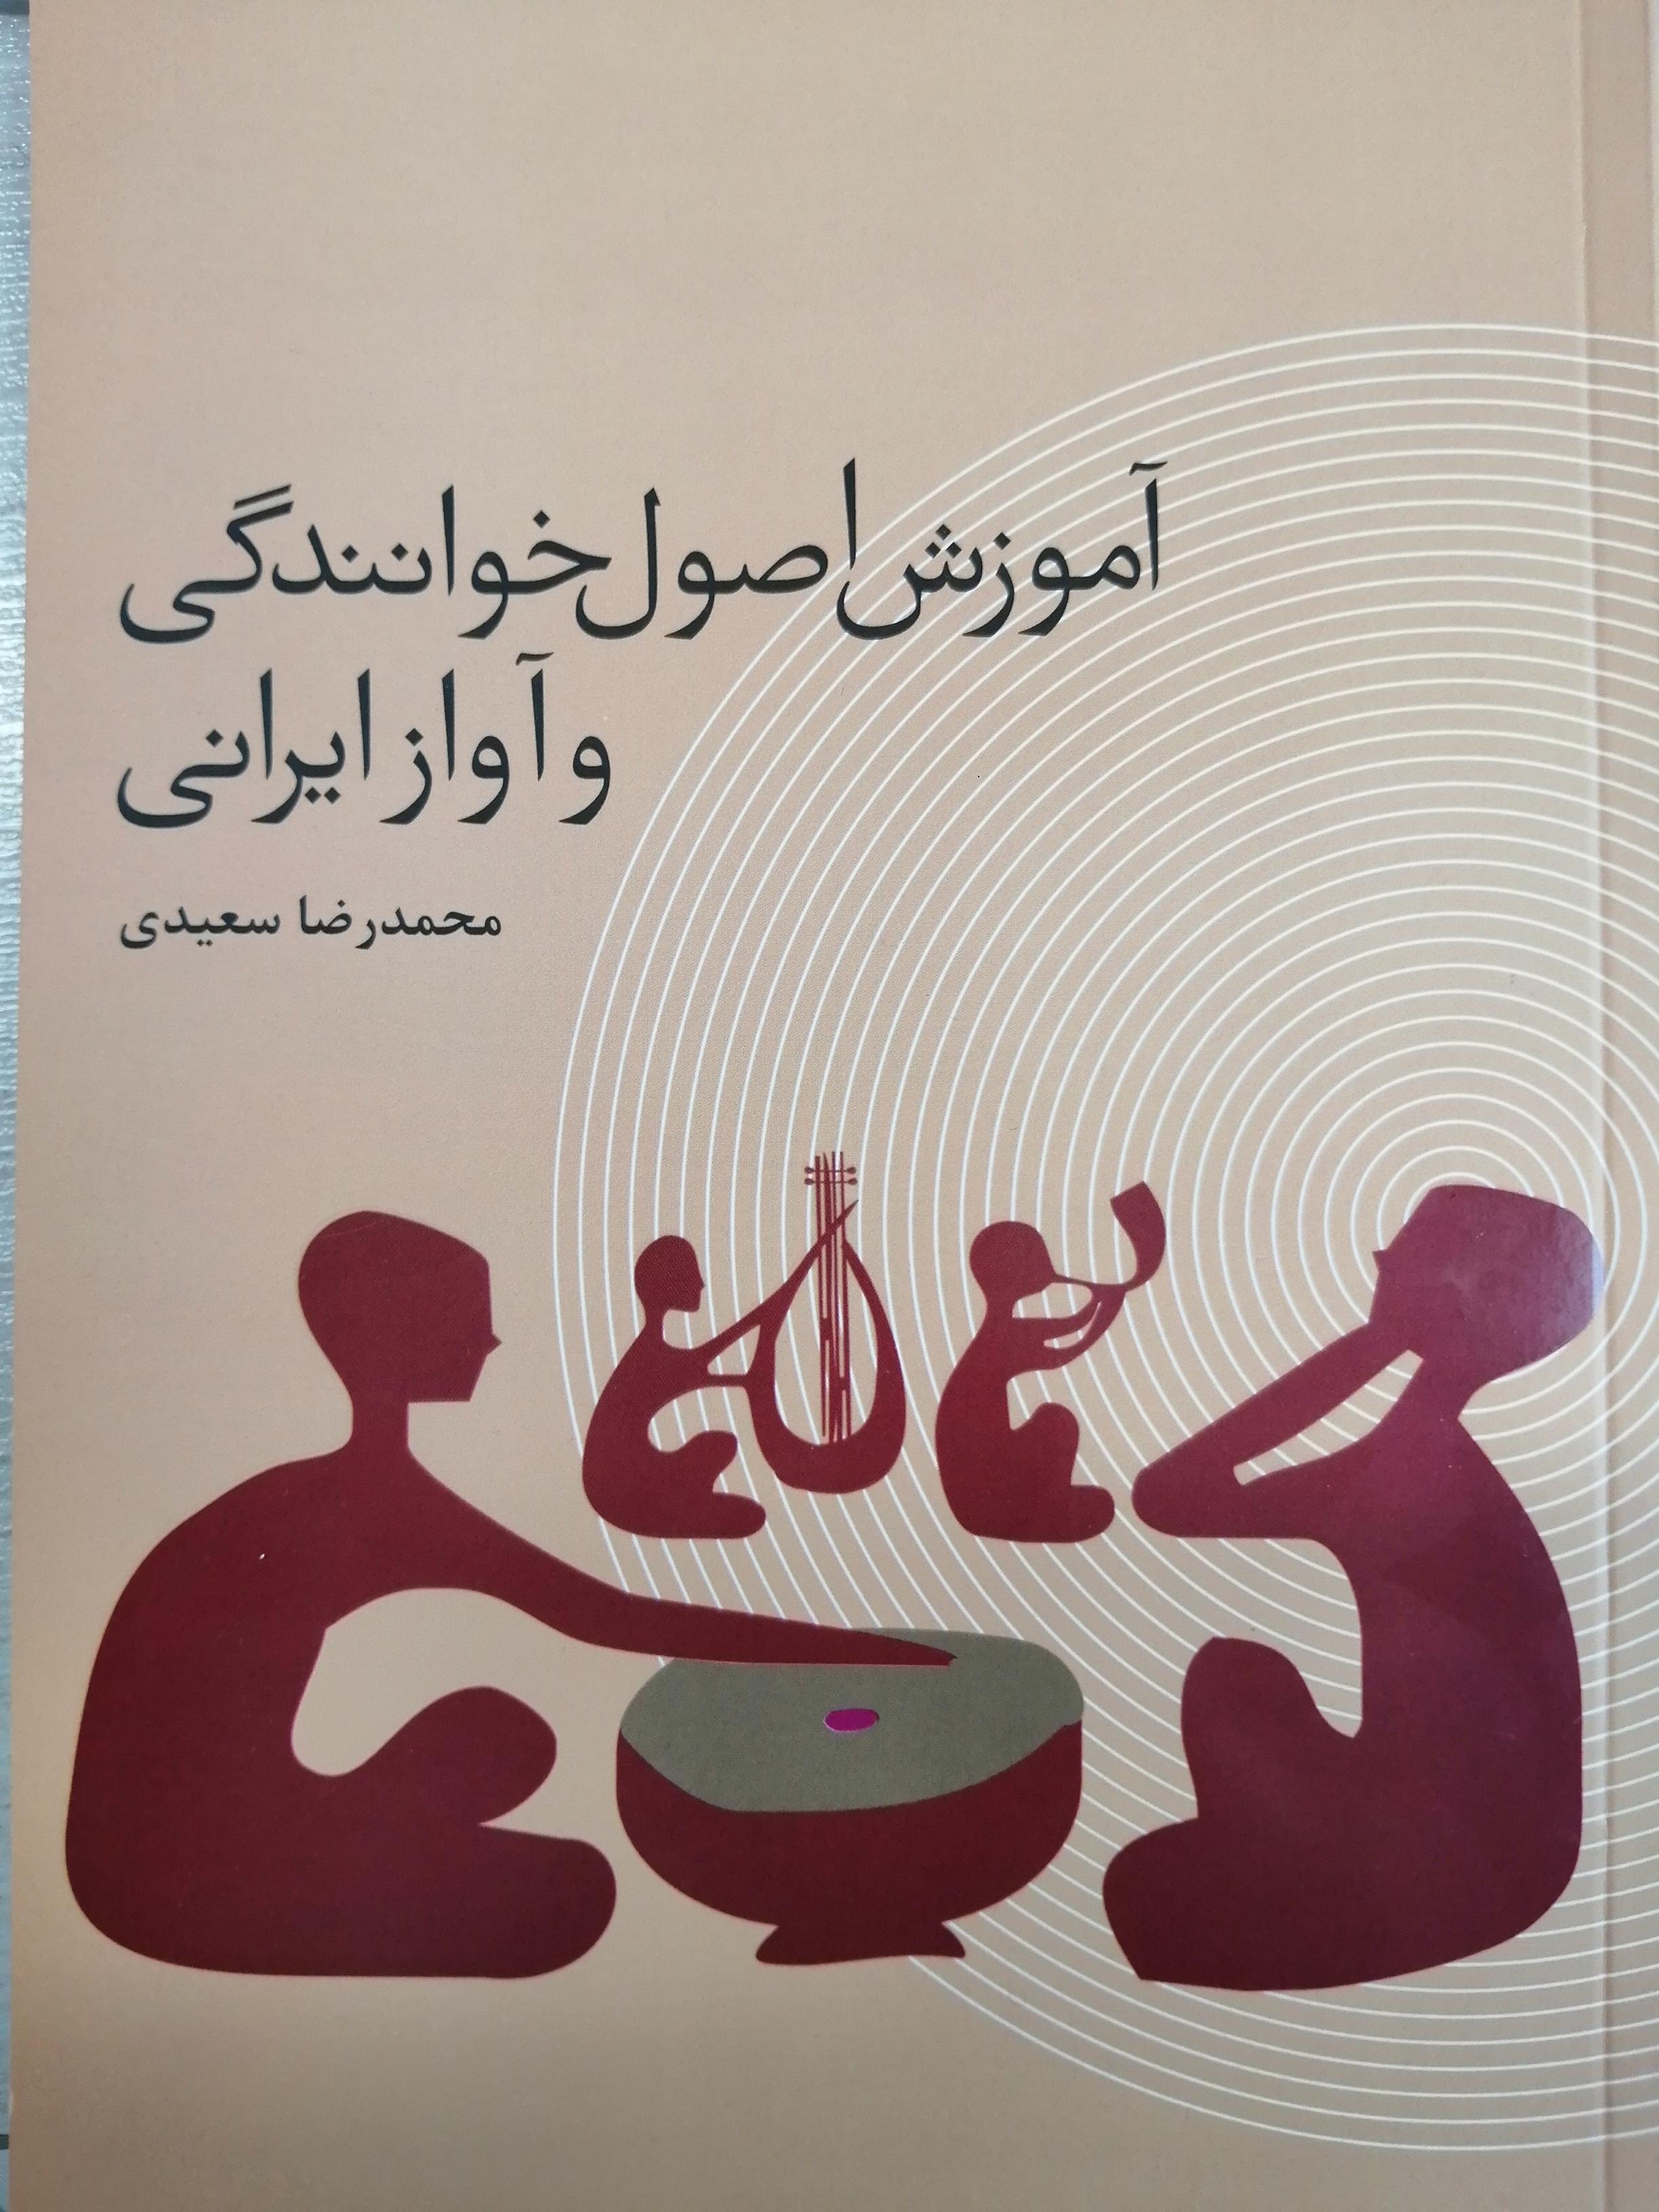 آموزش اصول خوانندگی و آواز ایرانی همراه با CD / محمدرضا سعیدی